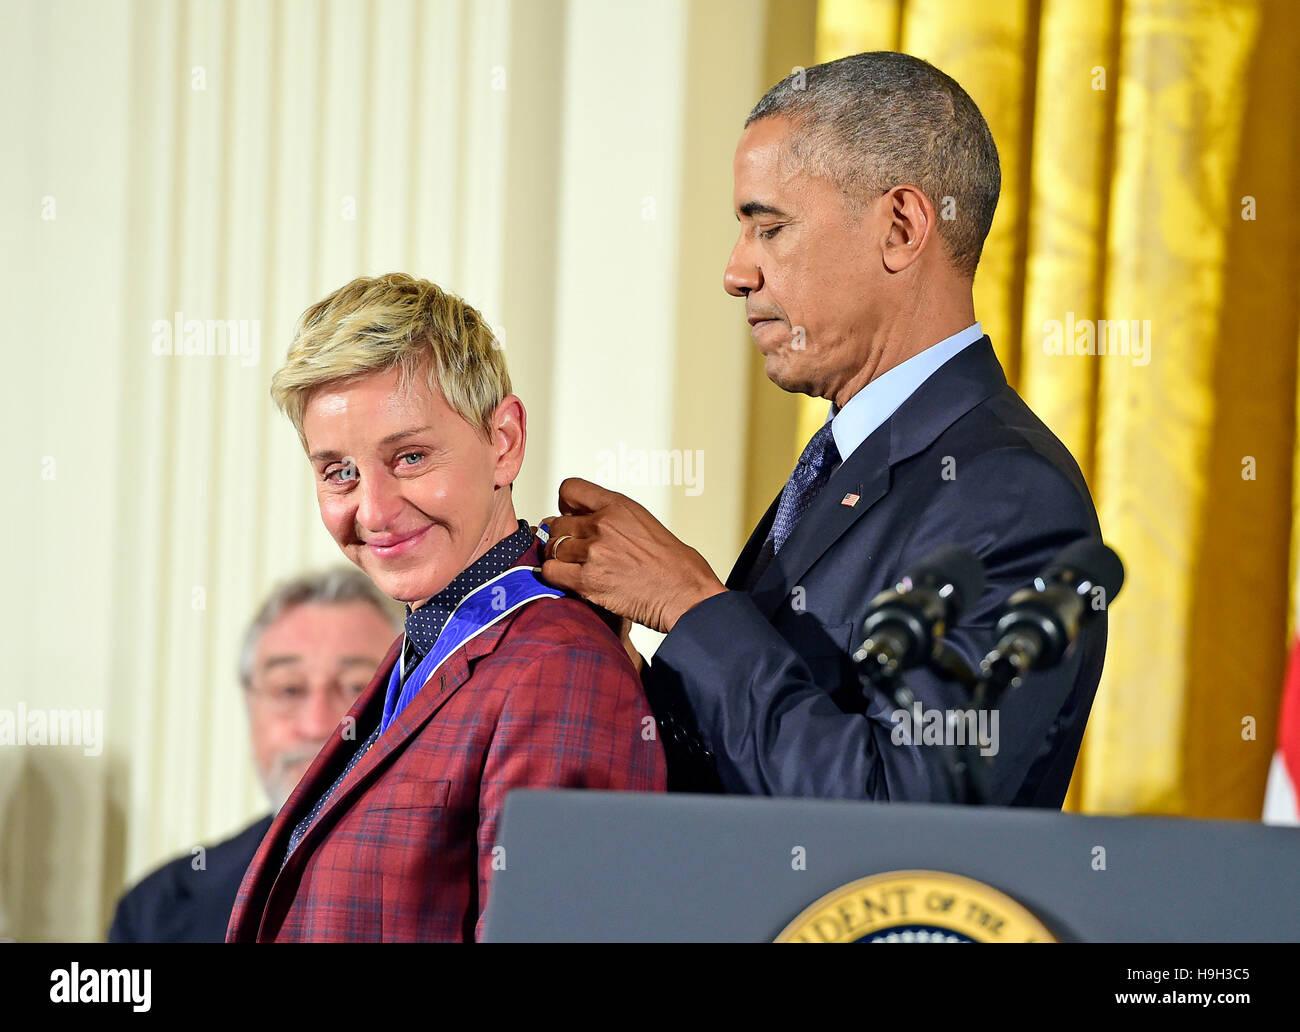 Le président des États-Unis Barack Obama présente la Médaille présidentielle de la liberté Photo Stock